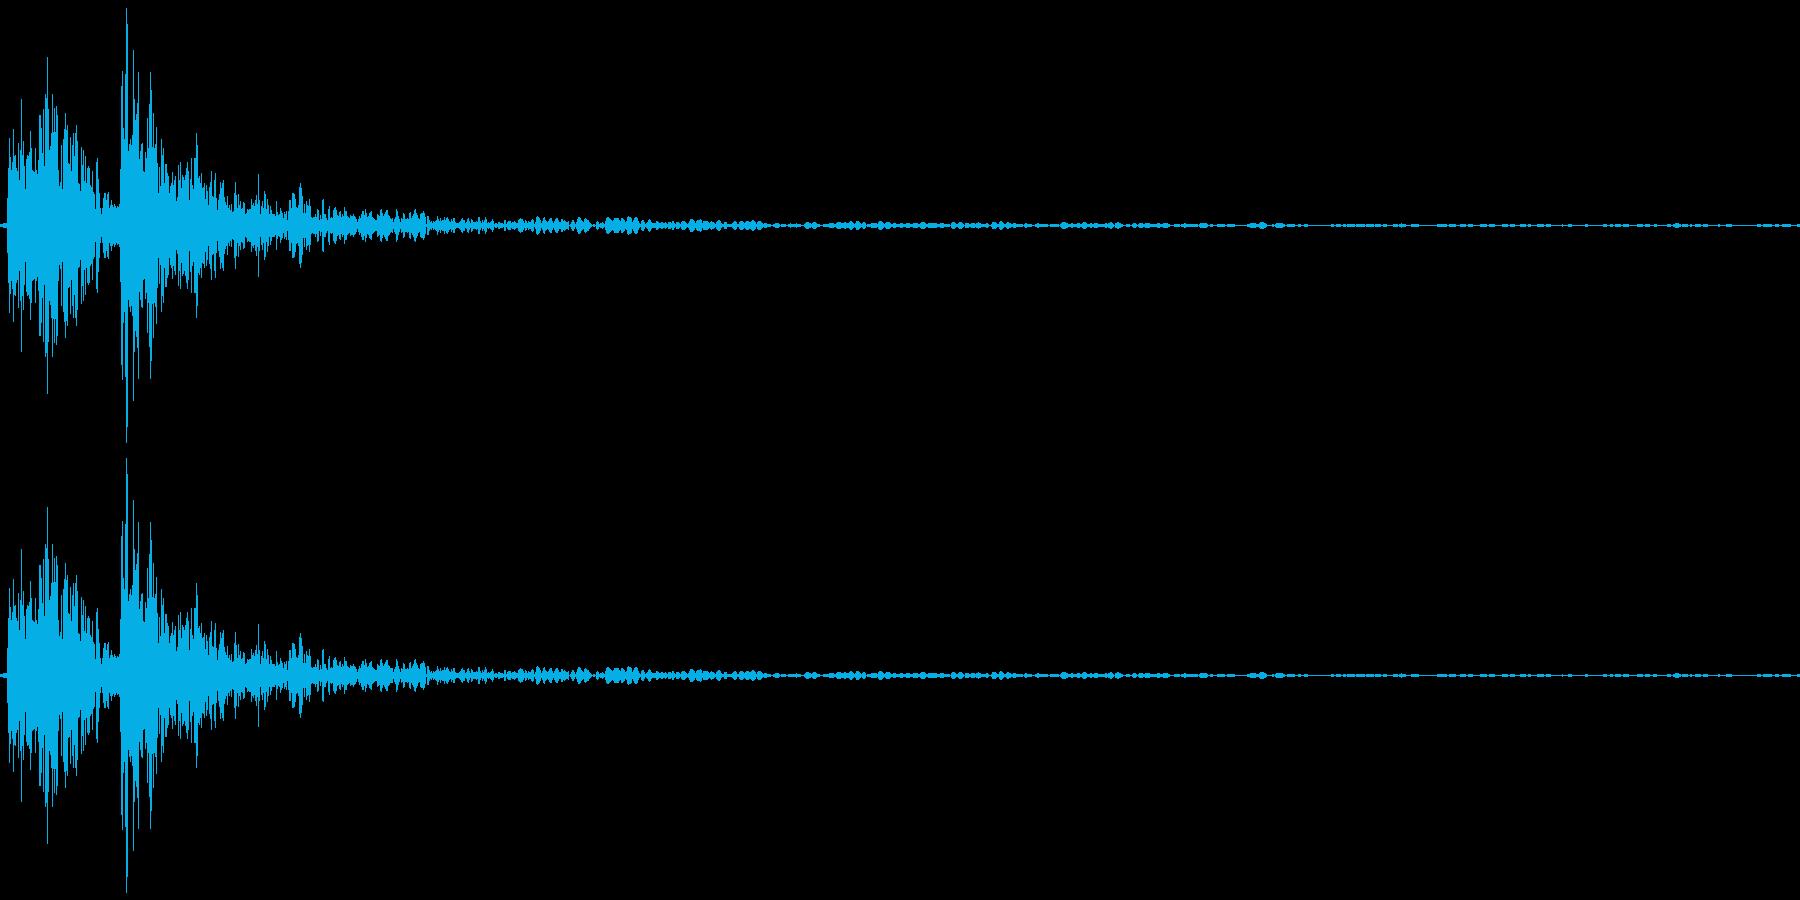 キャンセル音(カッボン)の再生済みの波形